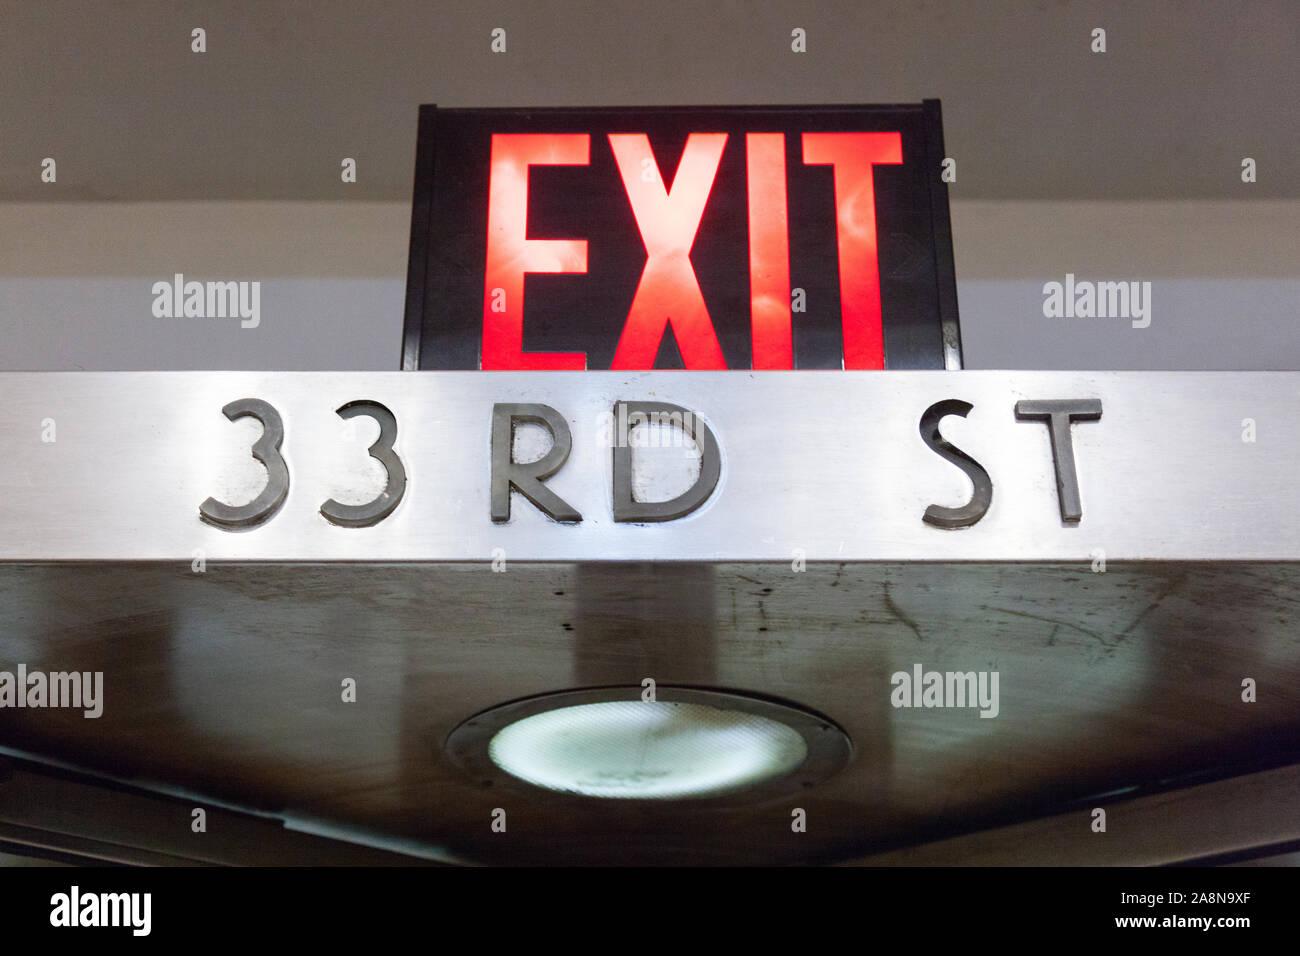 Ausfahrt auf die 33. Straße, das Hotel Pennsylvania, 7th Avenue, New York City, Vereinigte Staaten von Amerika. Stockfoto